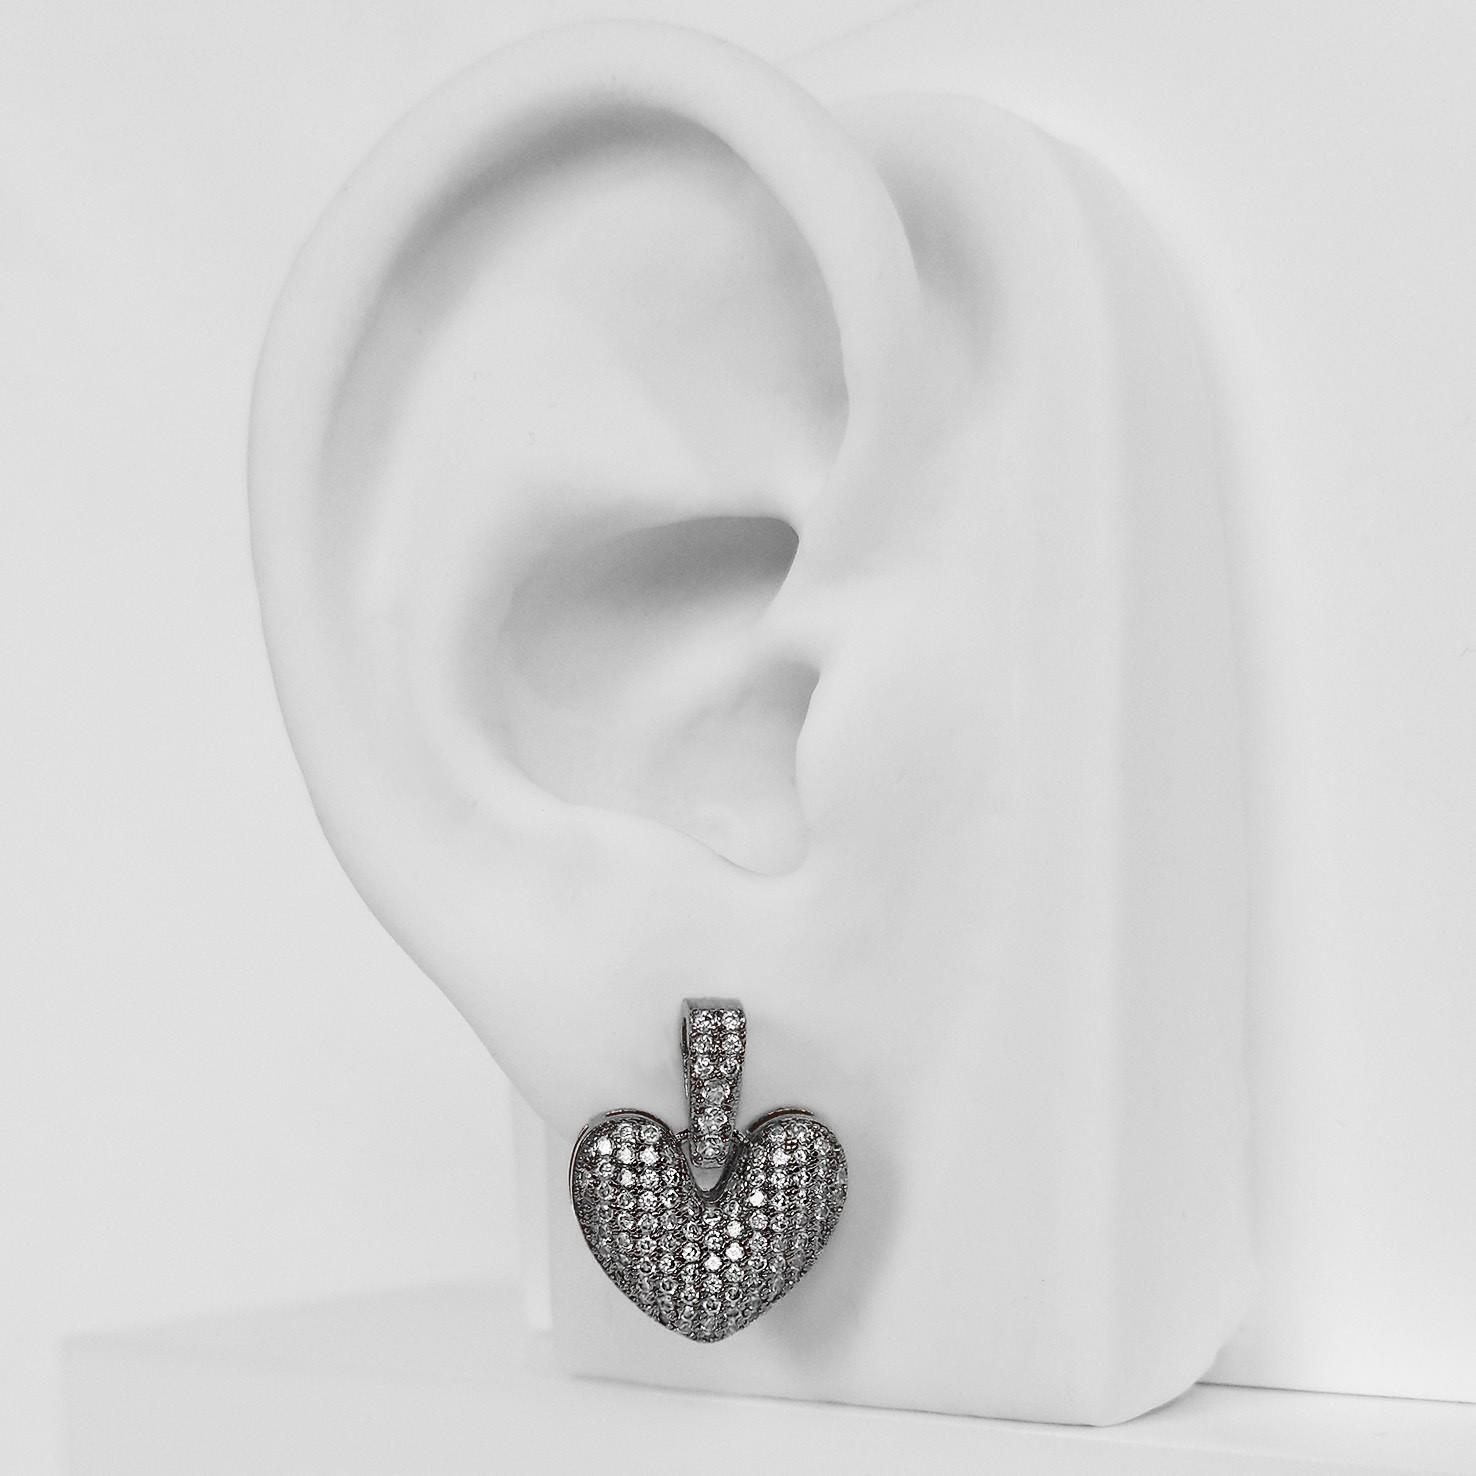 Brinco de Coração com Zircônias Folheado a Ródio Negro  - Lunozê Joias